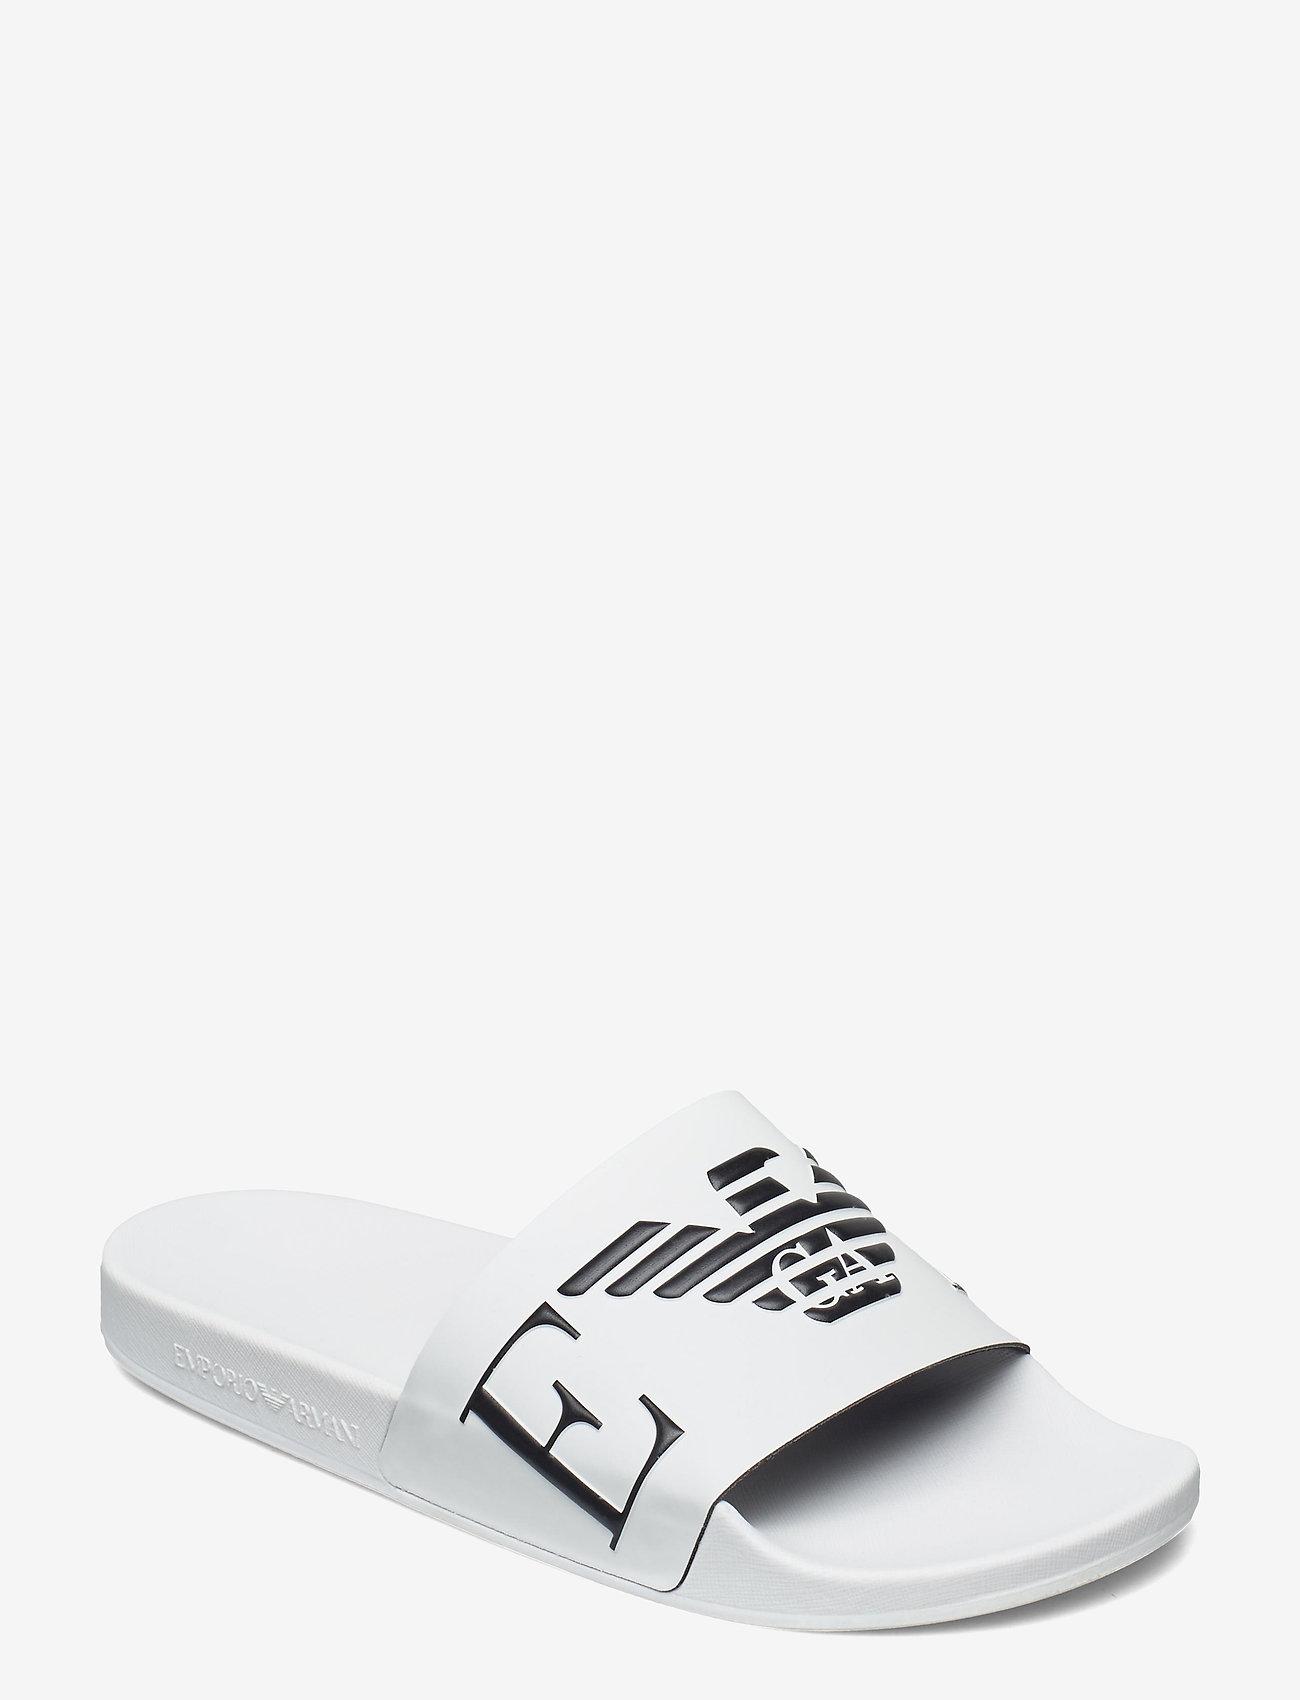 Emporio Armani - SLIPPER - pool sliders - white+black+white - 0